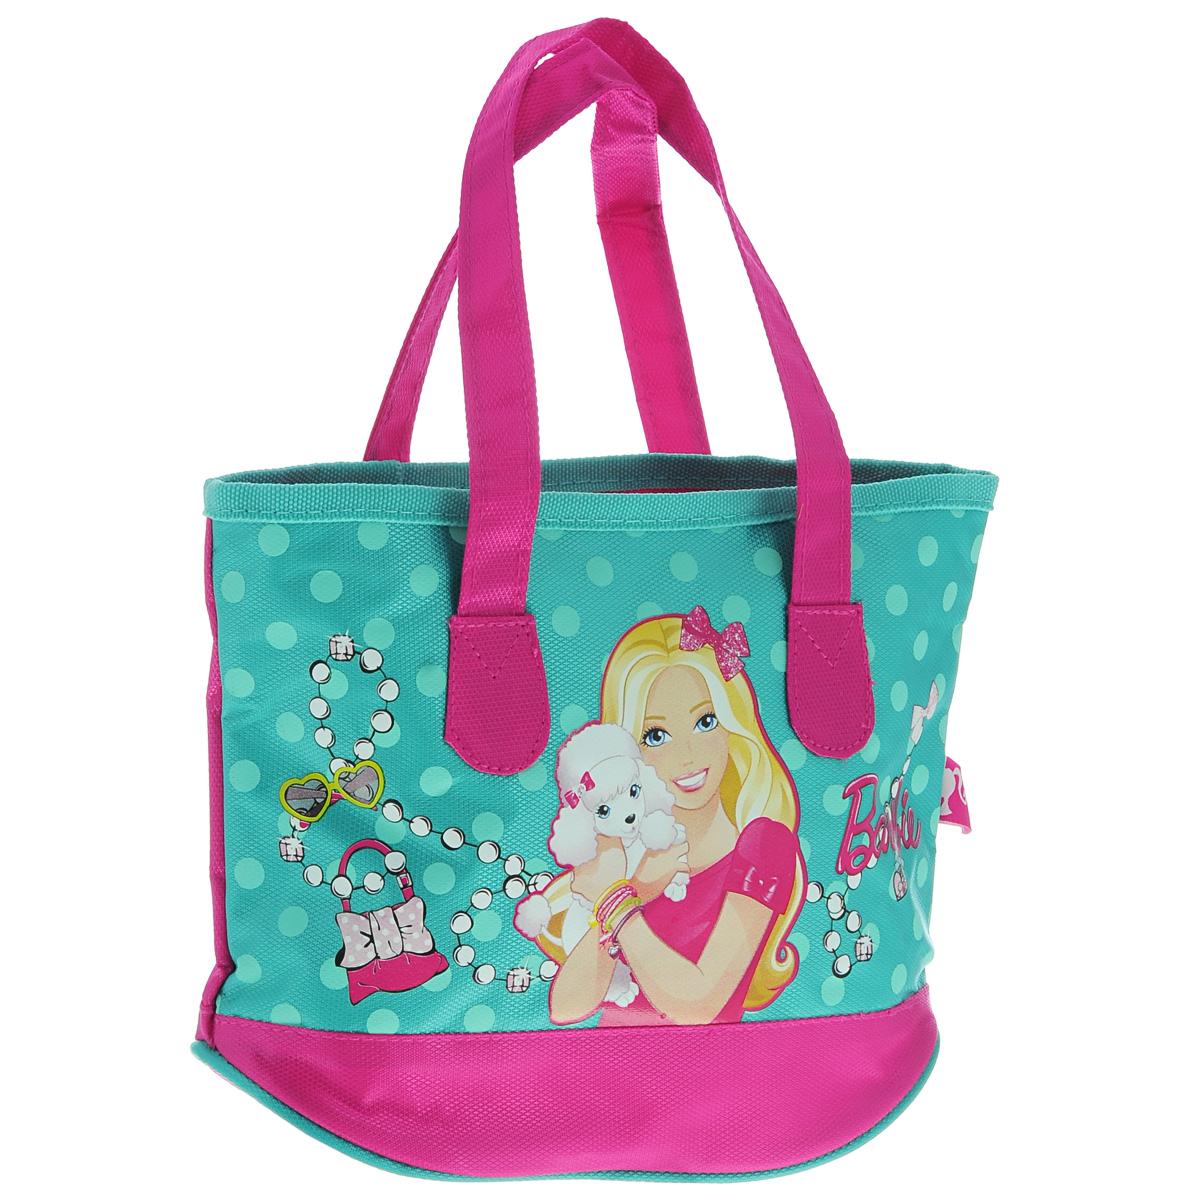 Сумка детская Barbie, цвет: бирюзовый, розовыйS76245Детская сумка Barbie выполнена из прочного полиэстера и оформлена термоаппликацией с изображением Барби, обнимающей белого пуделя. Сумочка содержит одно отделение и закрывается на застежку-молнию.Сумочка оснащена двумя ручками для переноски.Рекомендуемый возраст: от 3 лет.